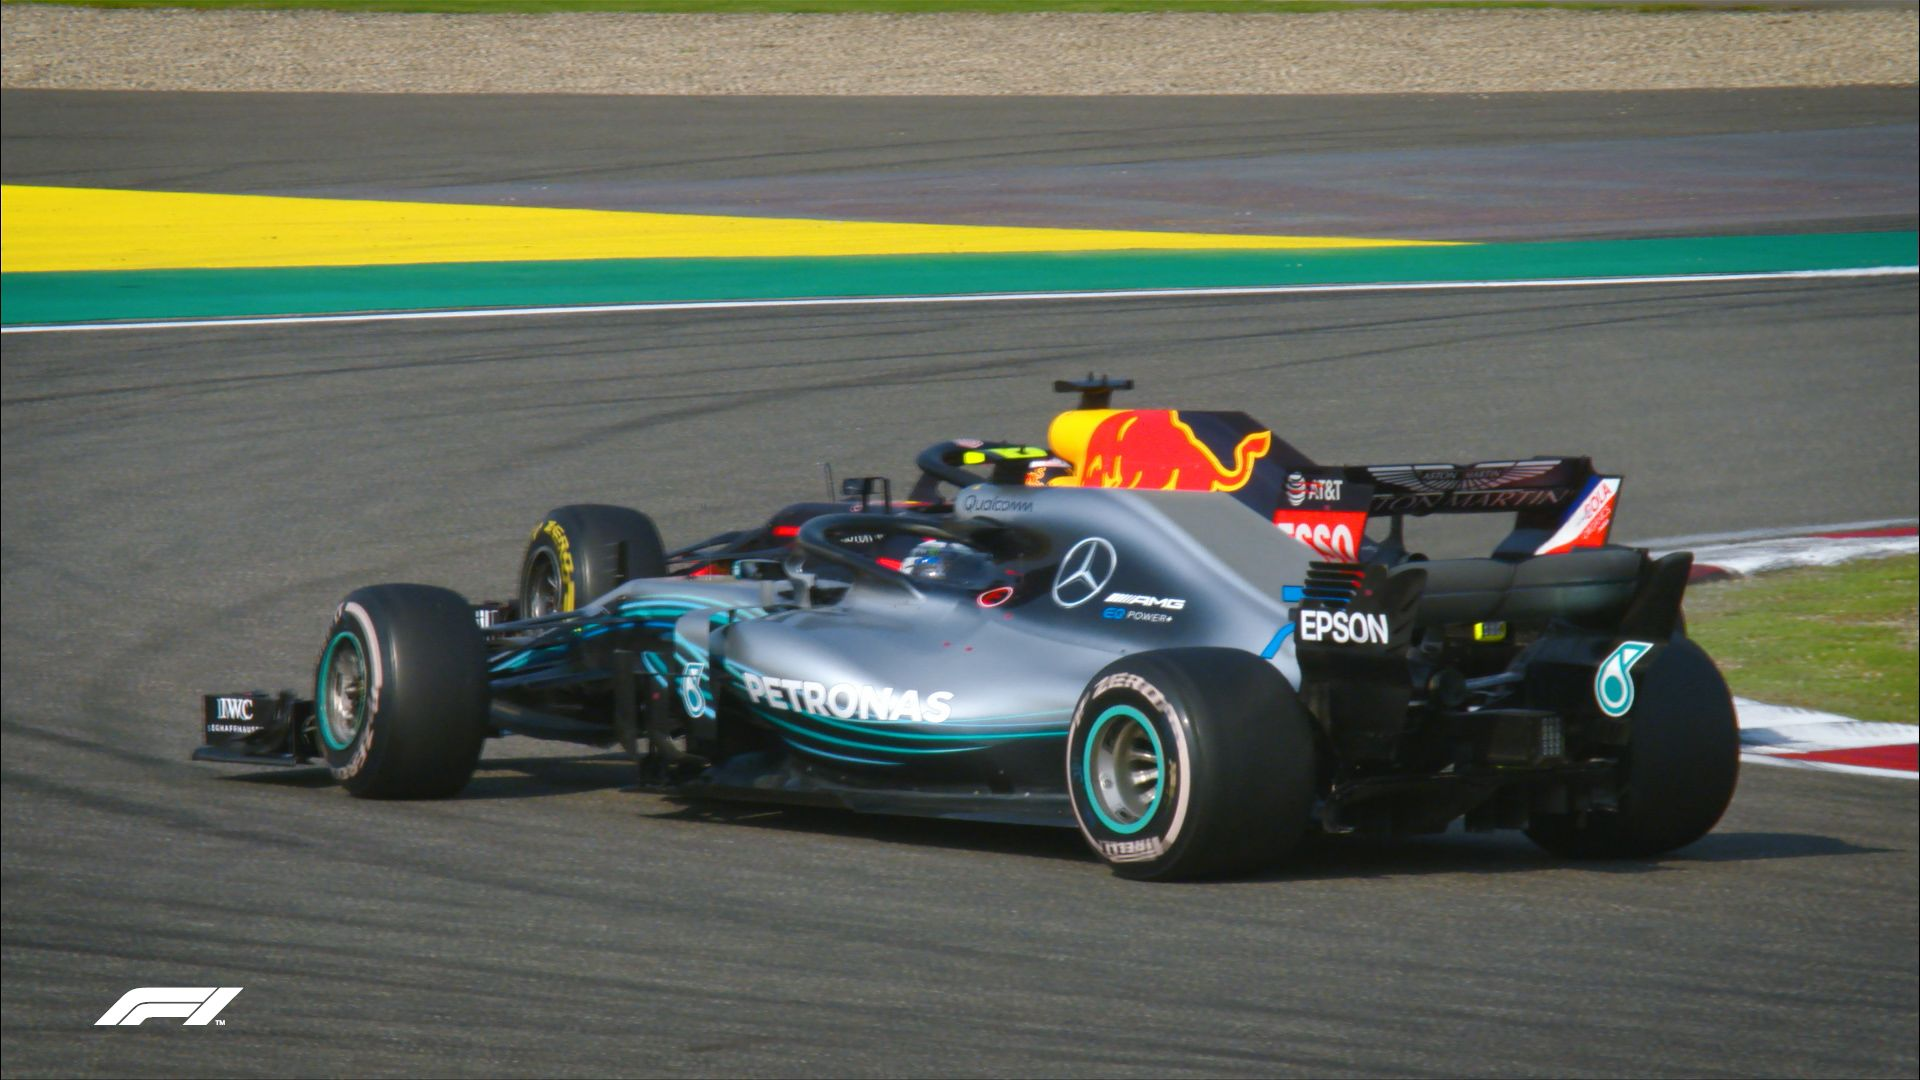 FIA Action of the Year - Ricciardo overtakes Bottas in China